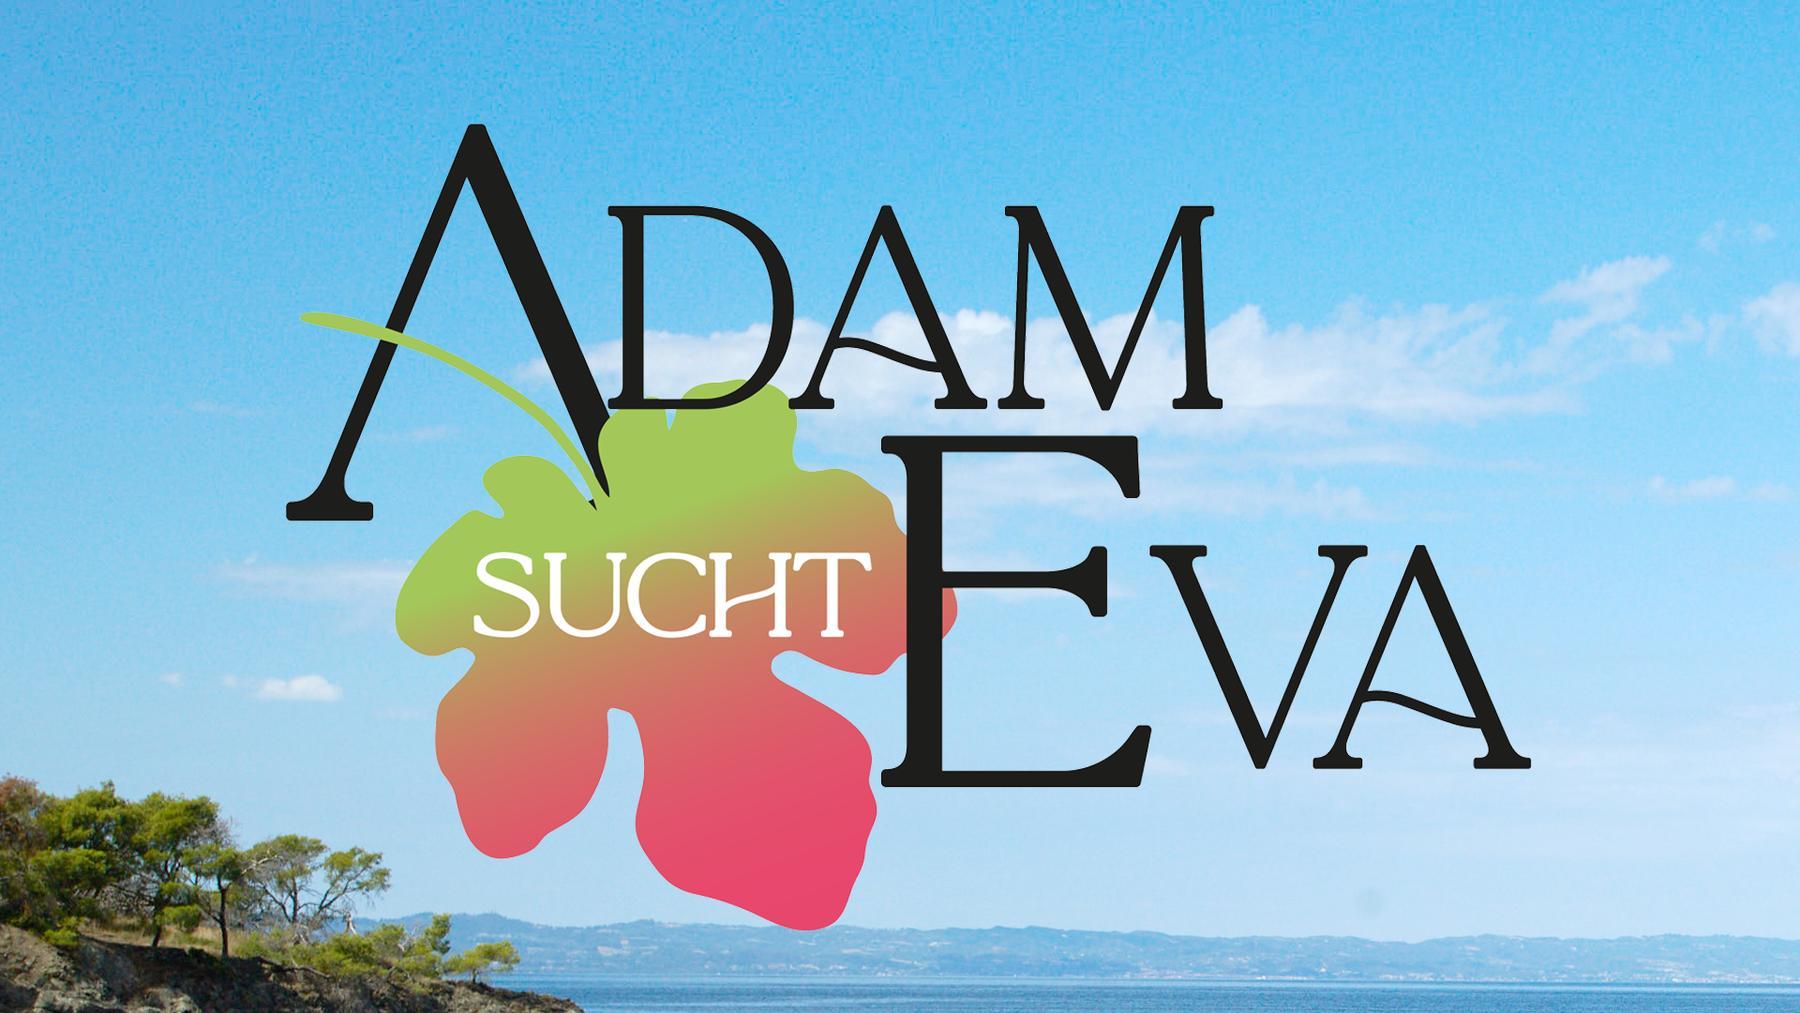 Adam sucht Eva 2021